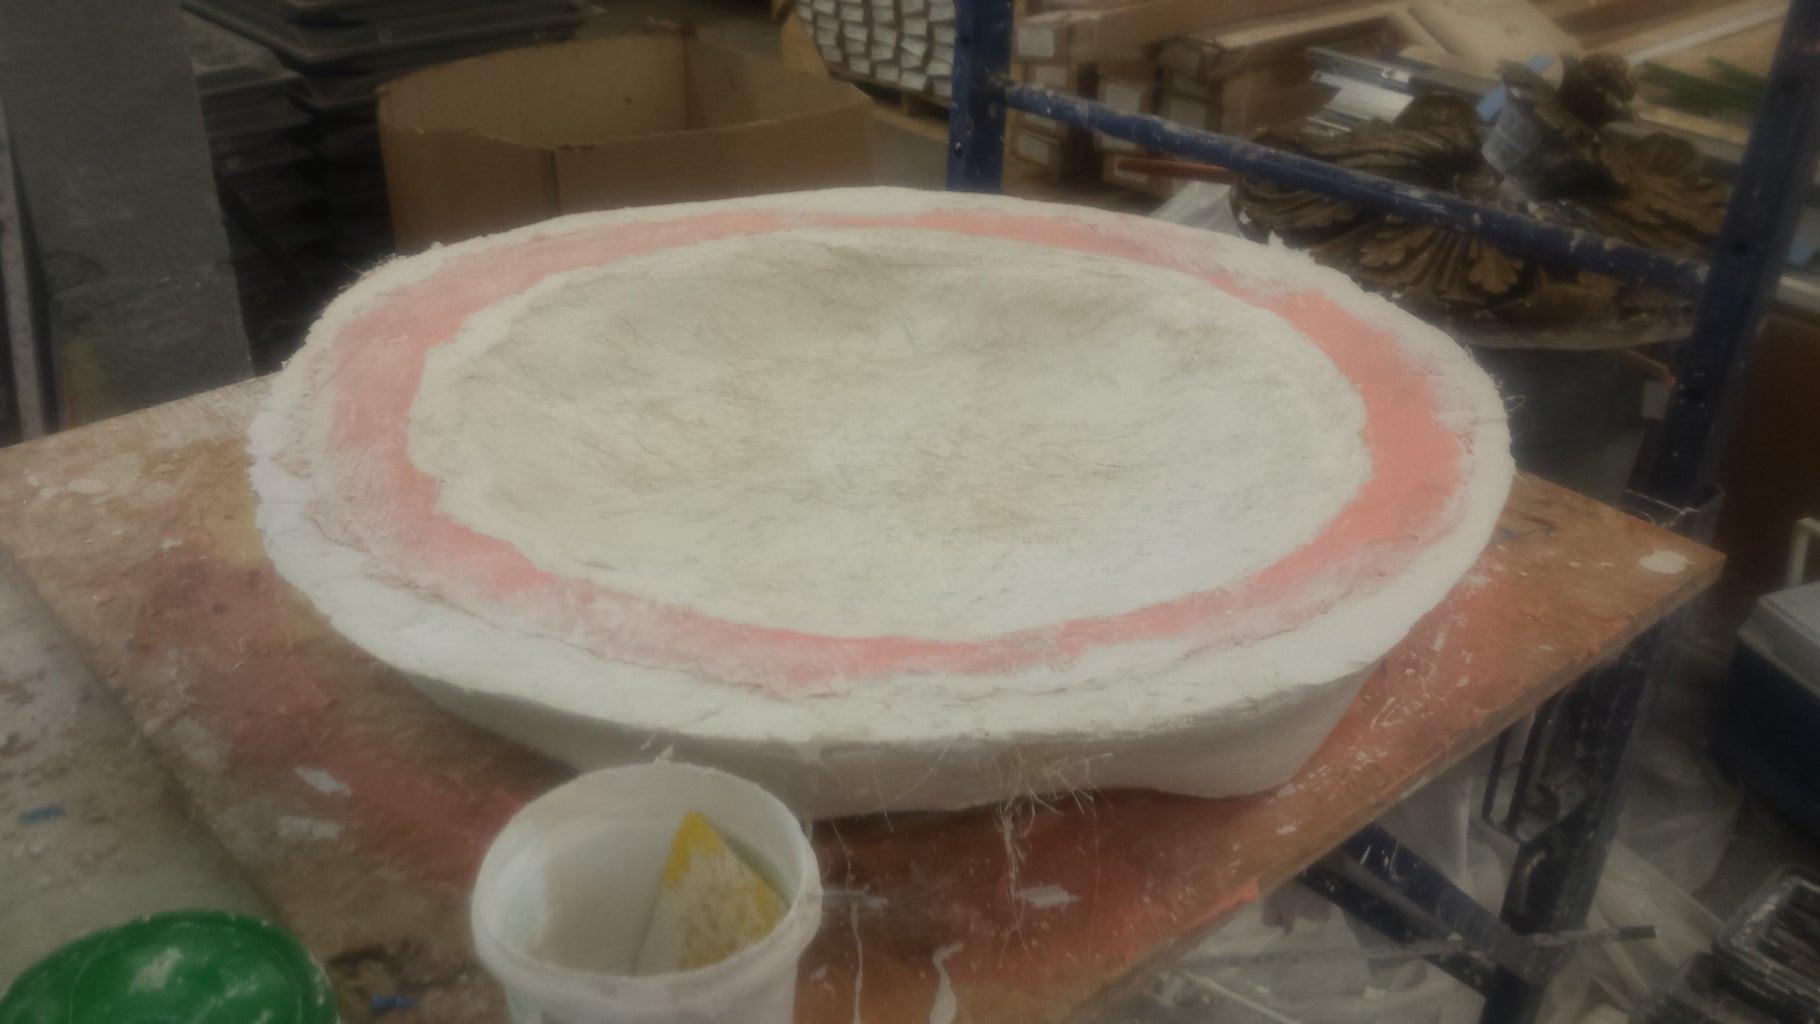 Molding the Base